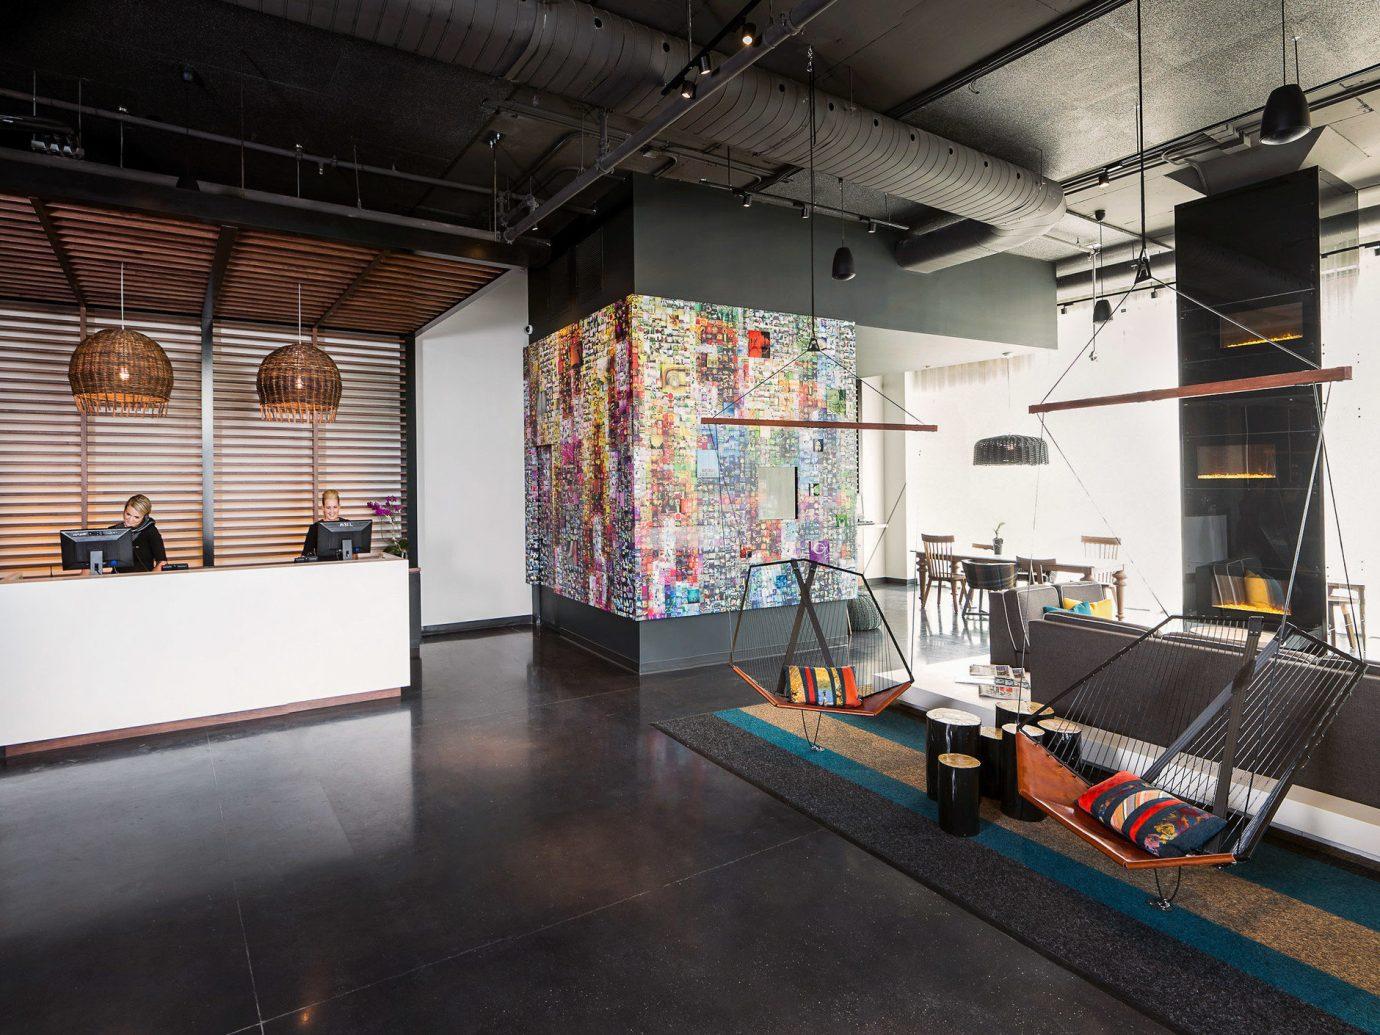 Canada Hotels Montreal Trip Ideas interior design loft exhibition building